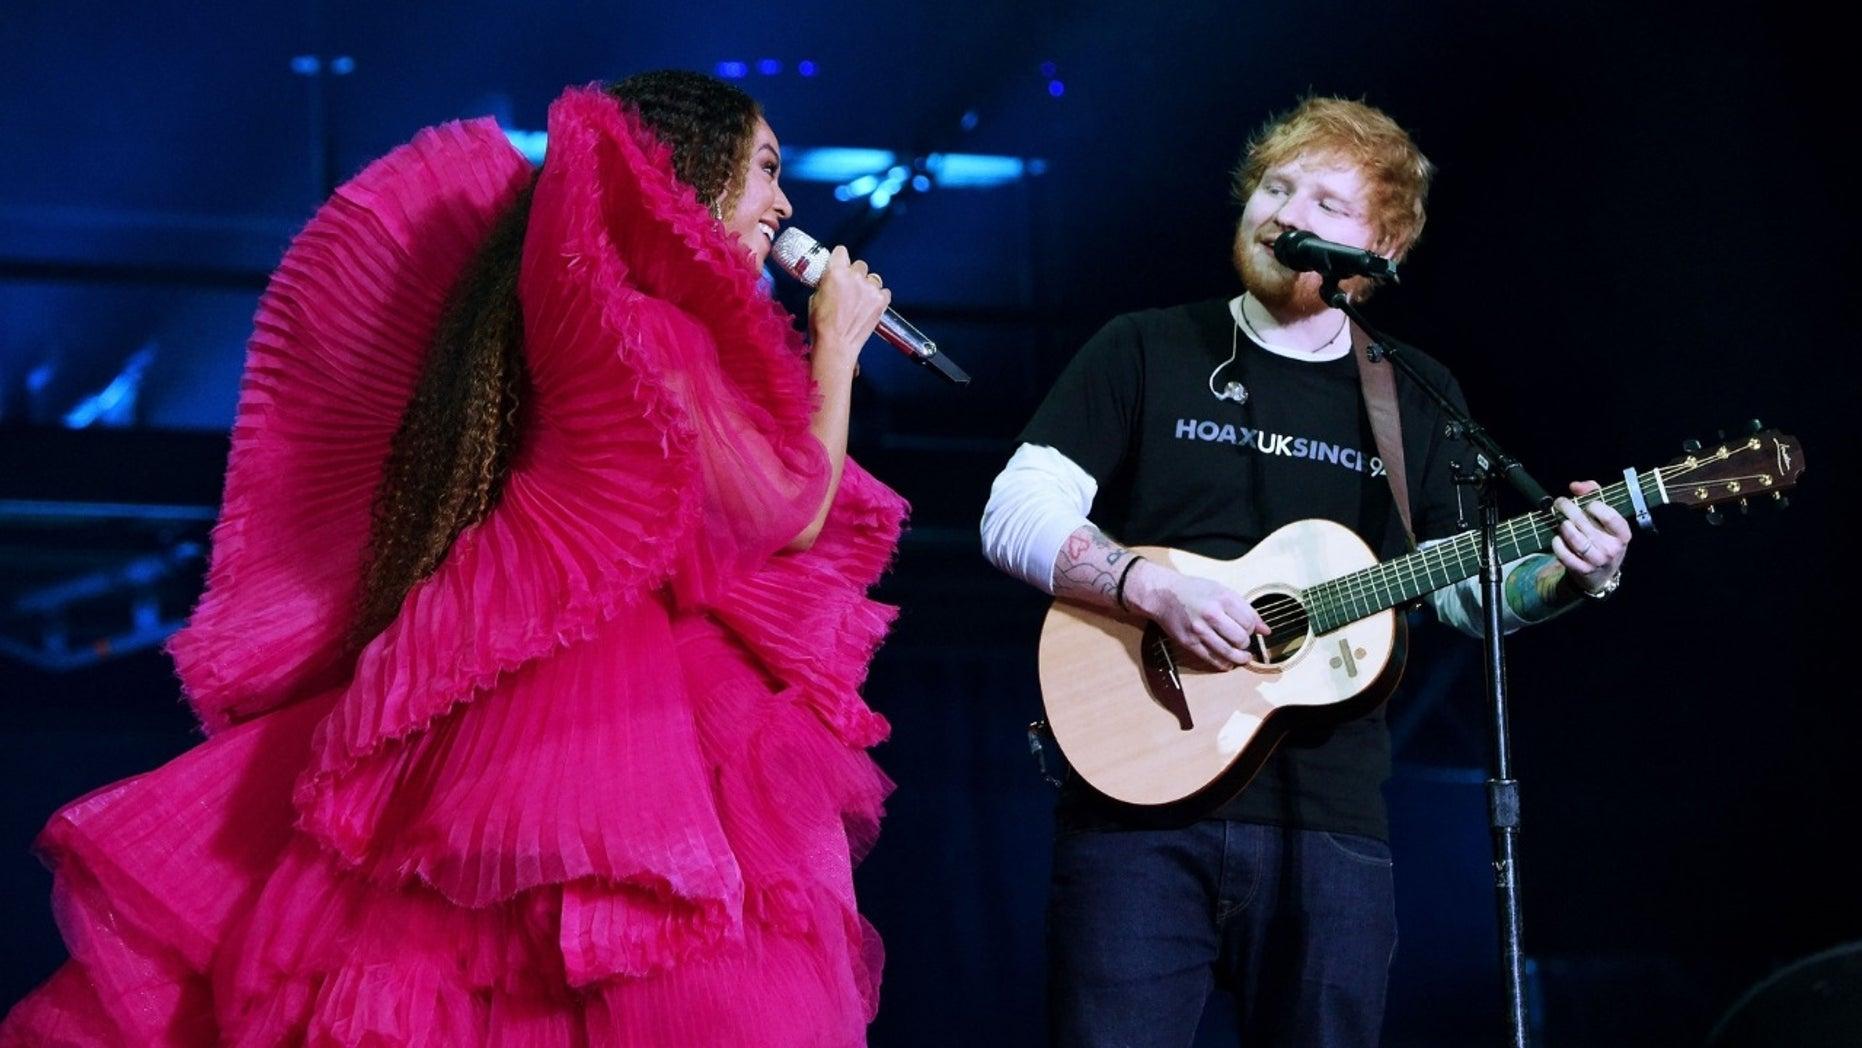 Ed Sheeran's and Beyoncé's concert outfits spark gender debate